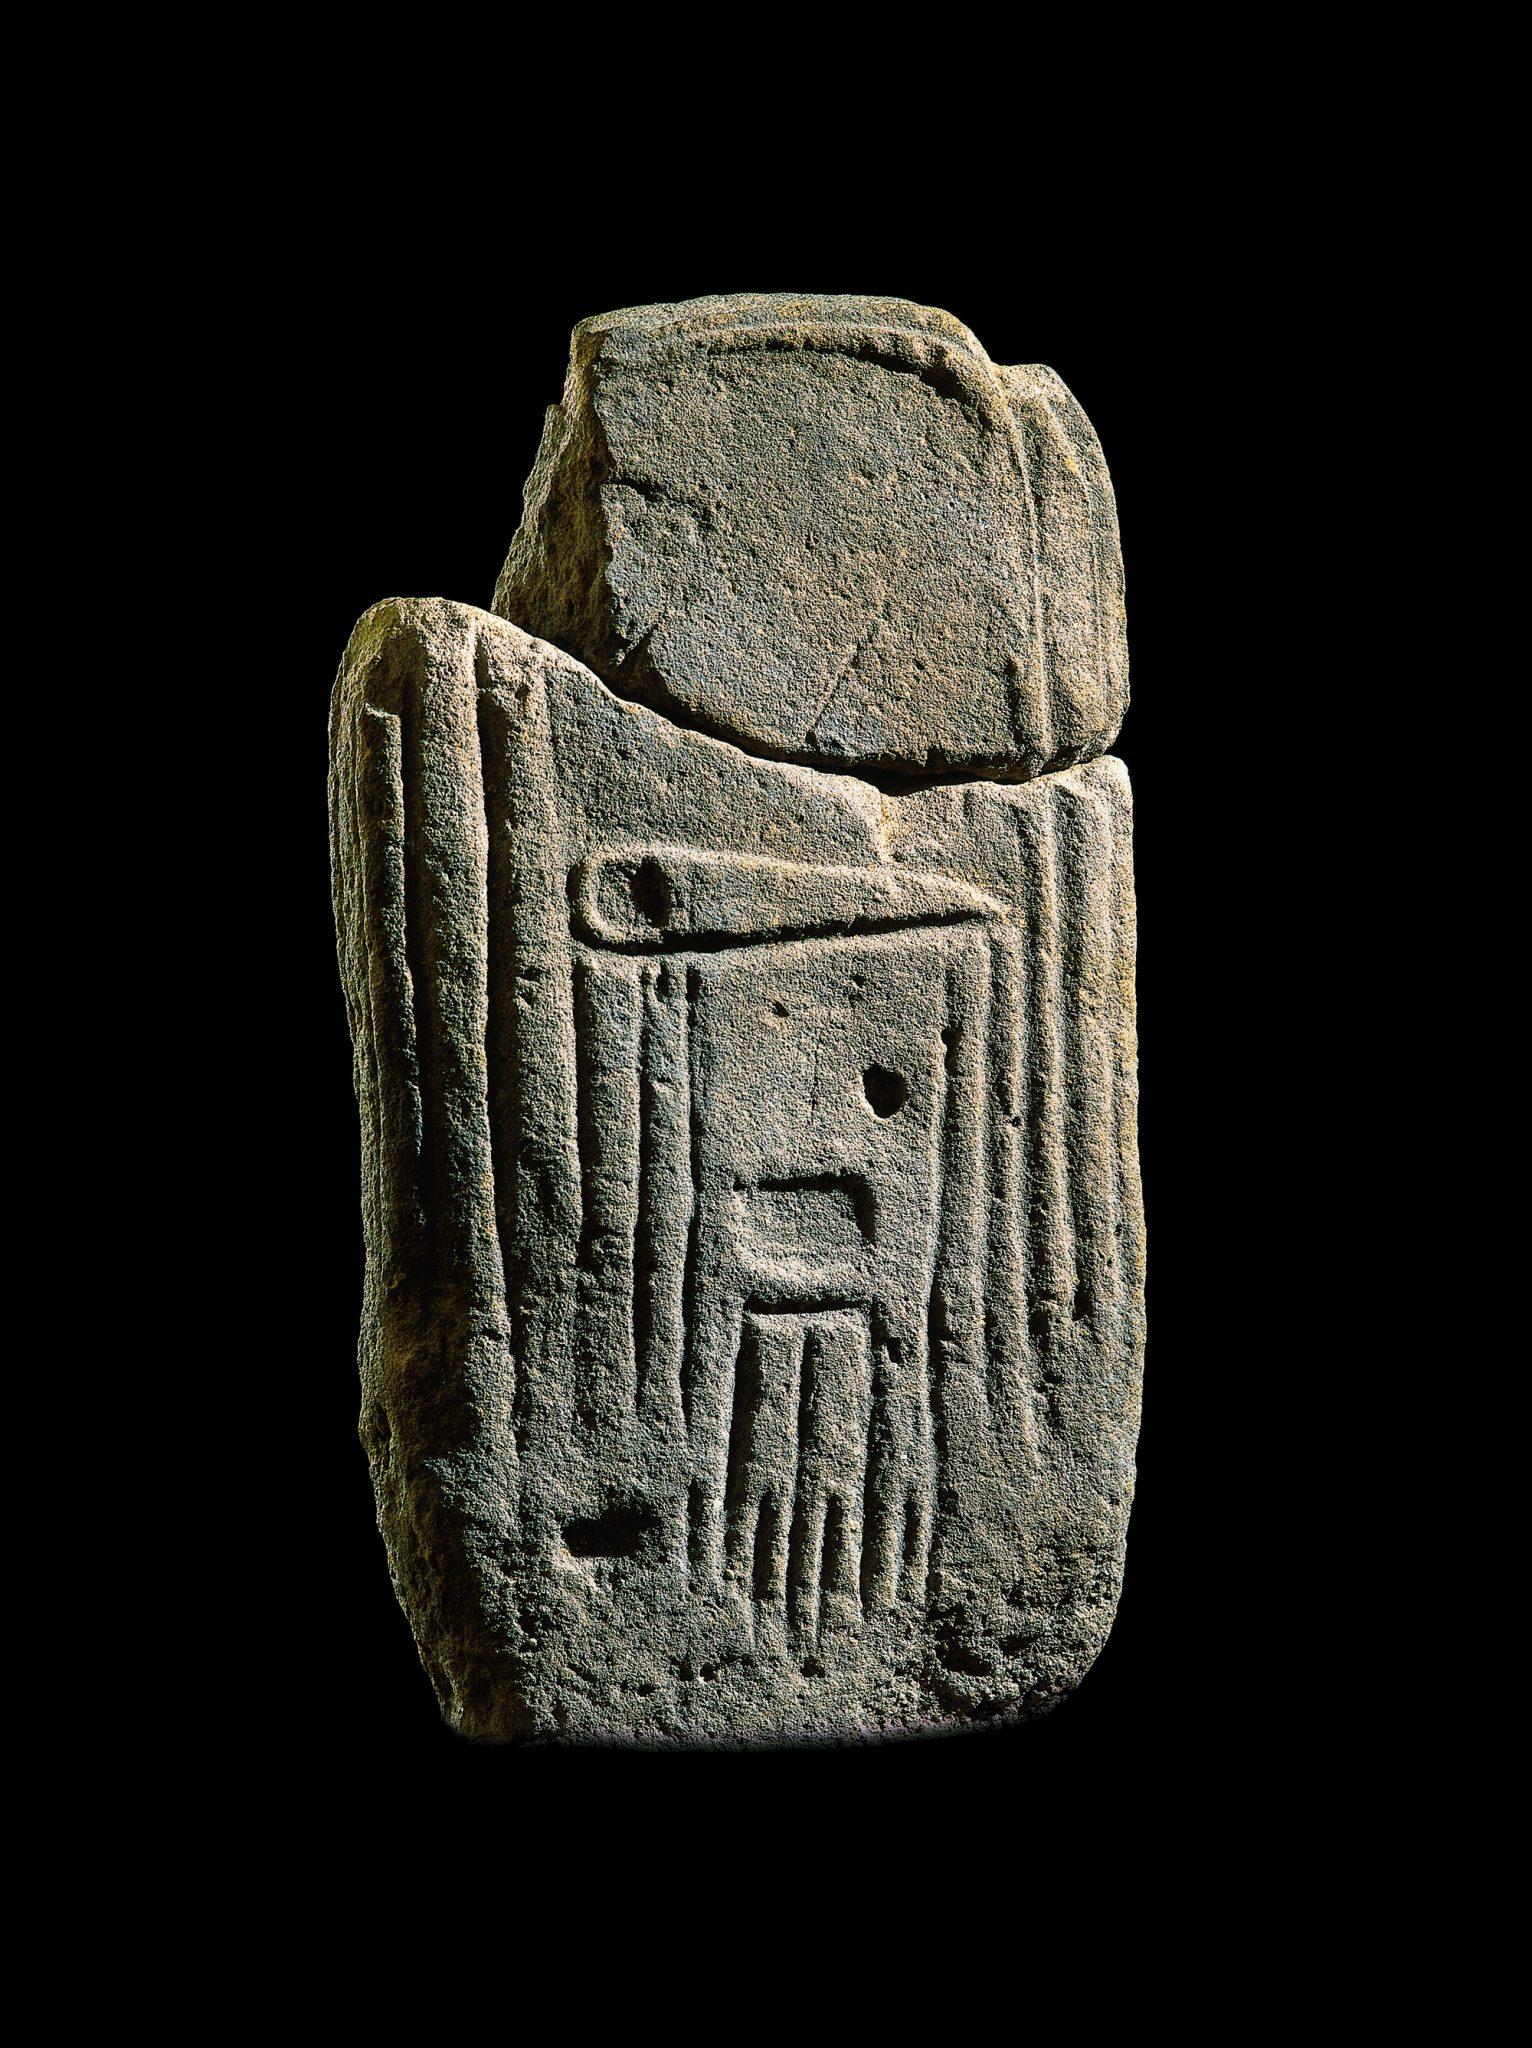 La Verrière, statue-menhir en grès, IVe- IIIe millénaire avant notre ère, musée Fenaille - Rodez (coll. SLSAA). Photo P. Soisson